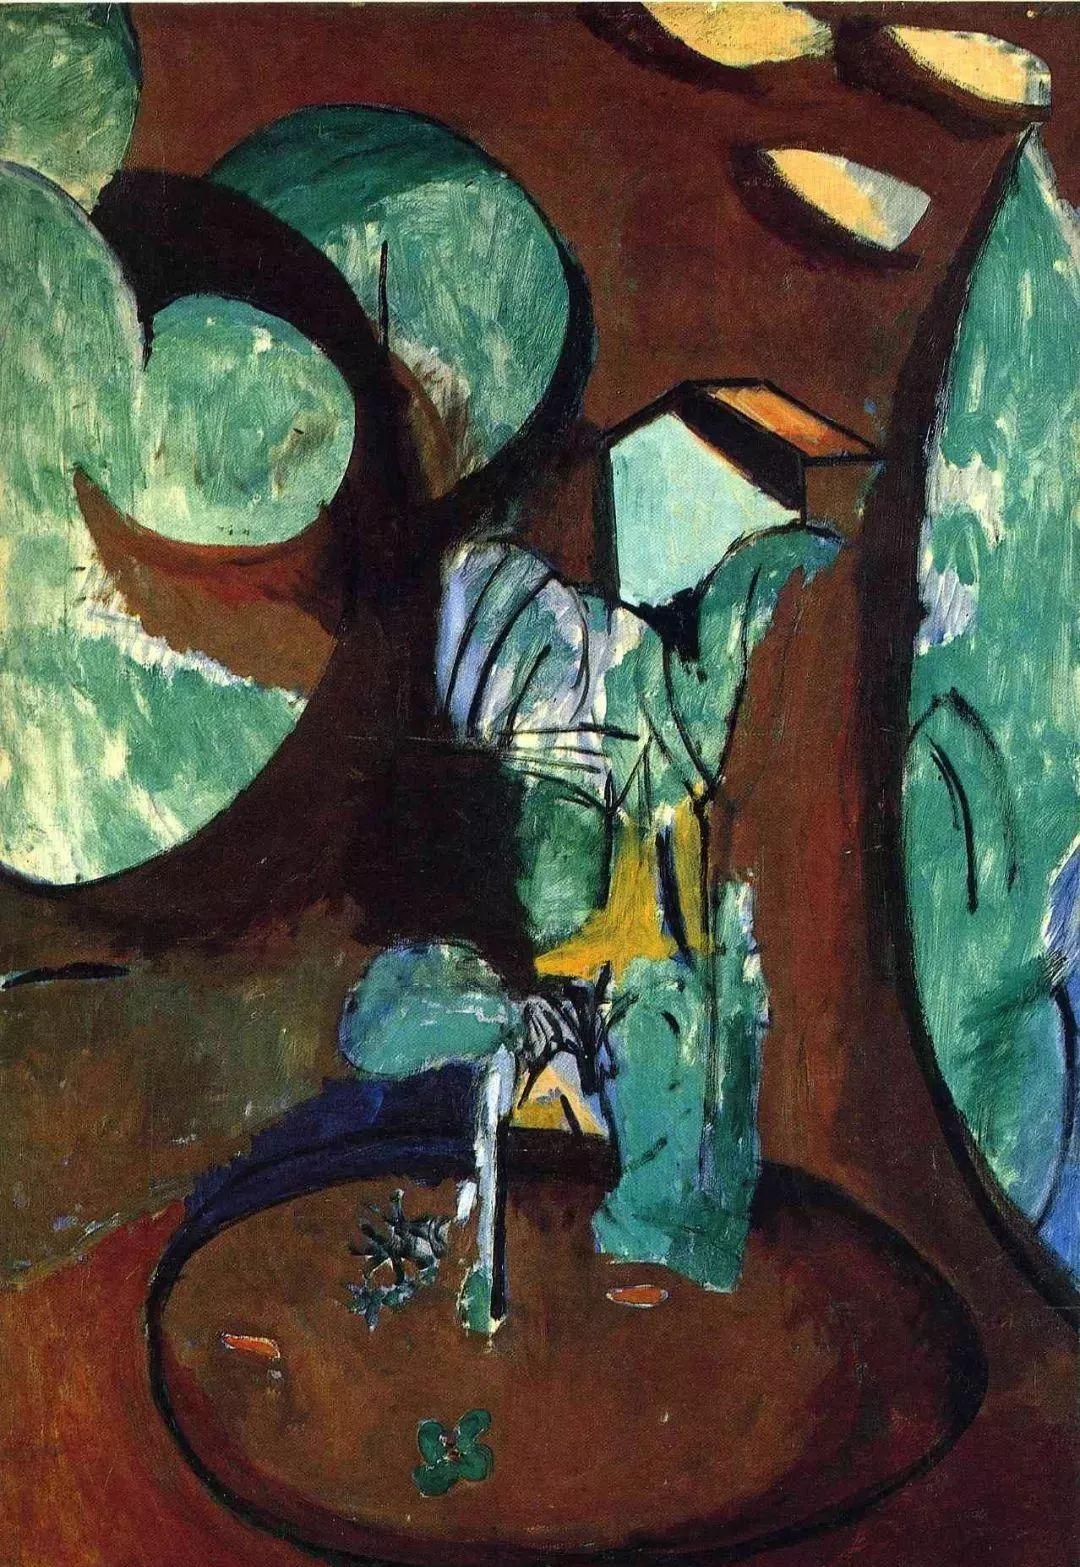 与毕加索并称为20世纪世界美术的两座高峰!马蒂斯静物作品集,震撼出炉!插图38